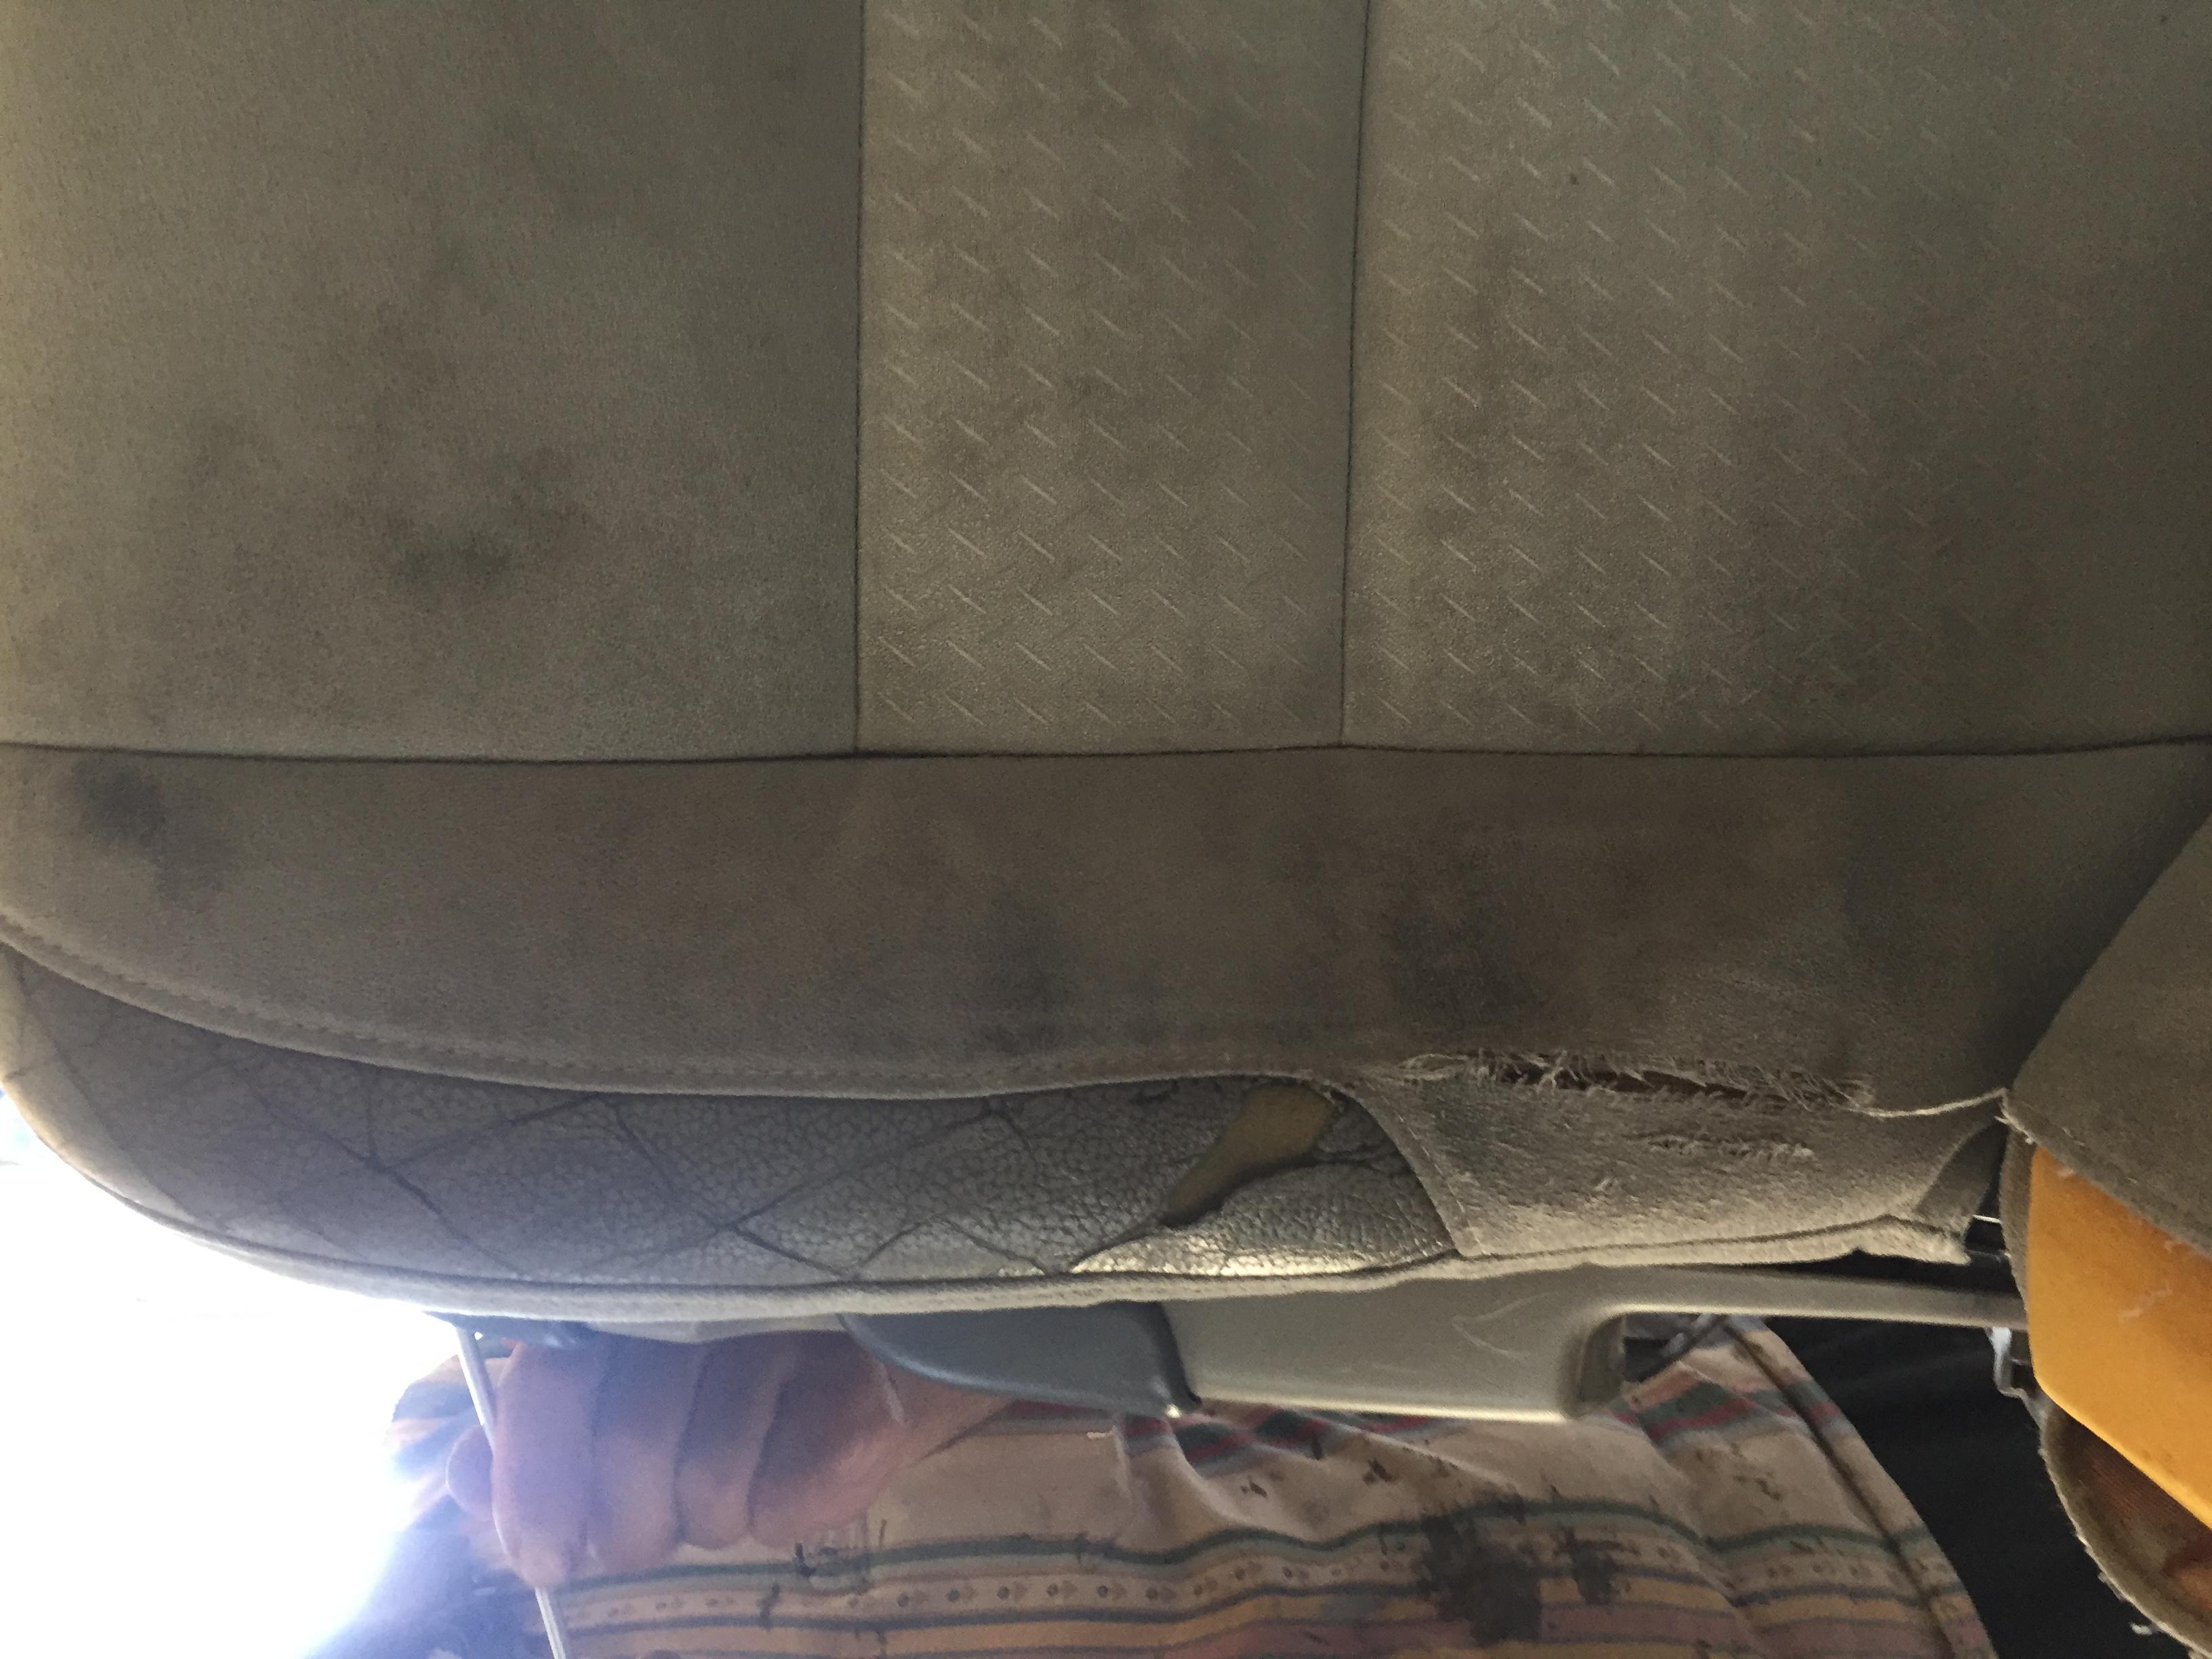 Volvo s40 döşeme yırtık tamiri